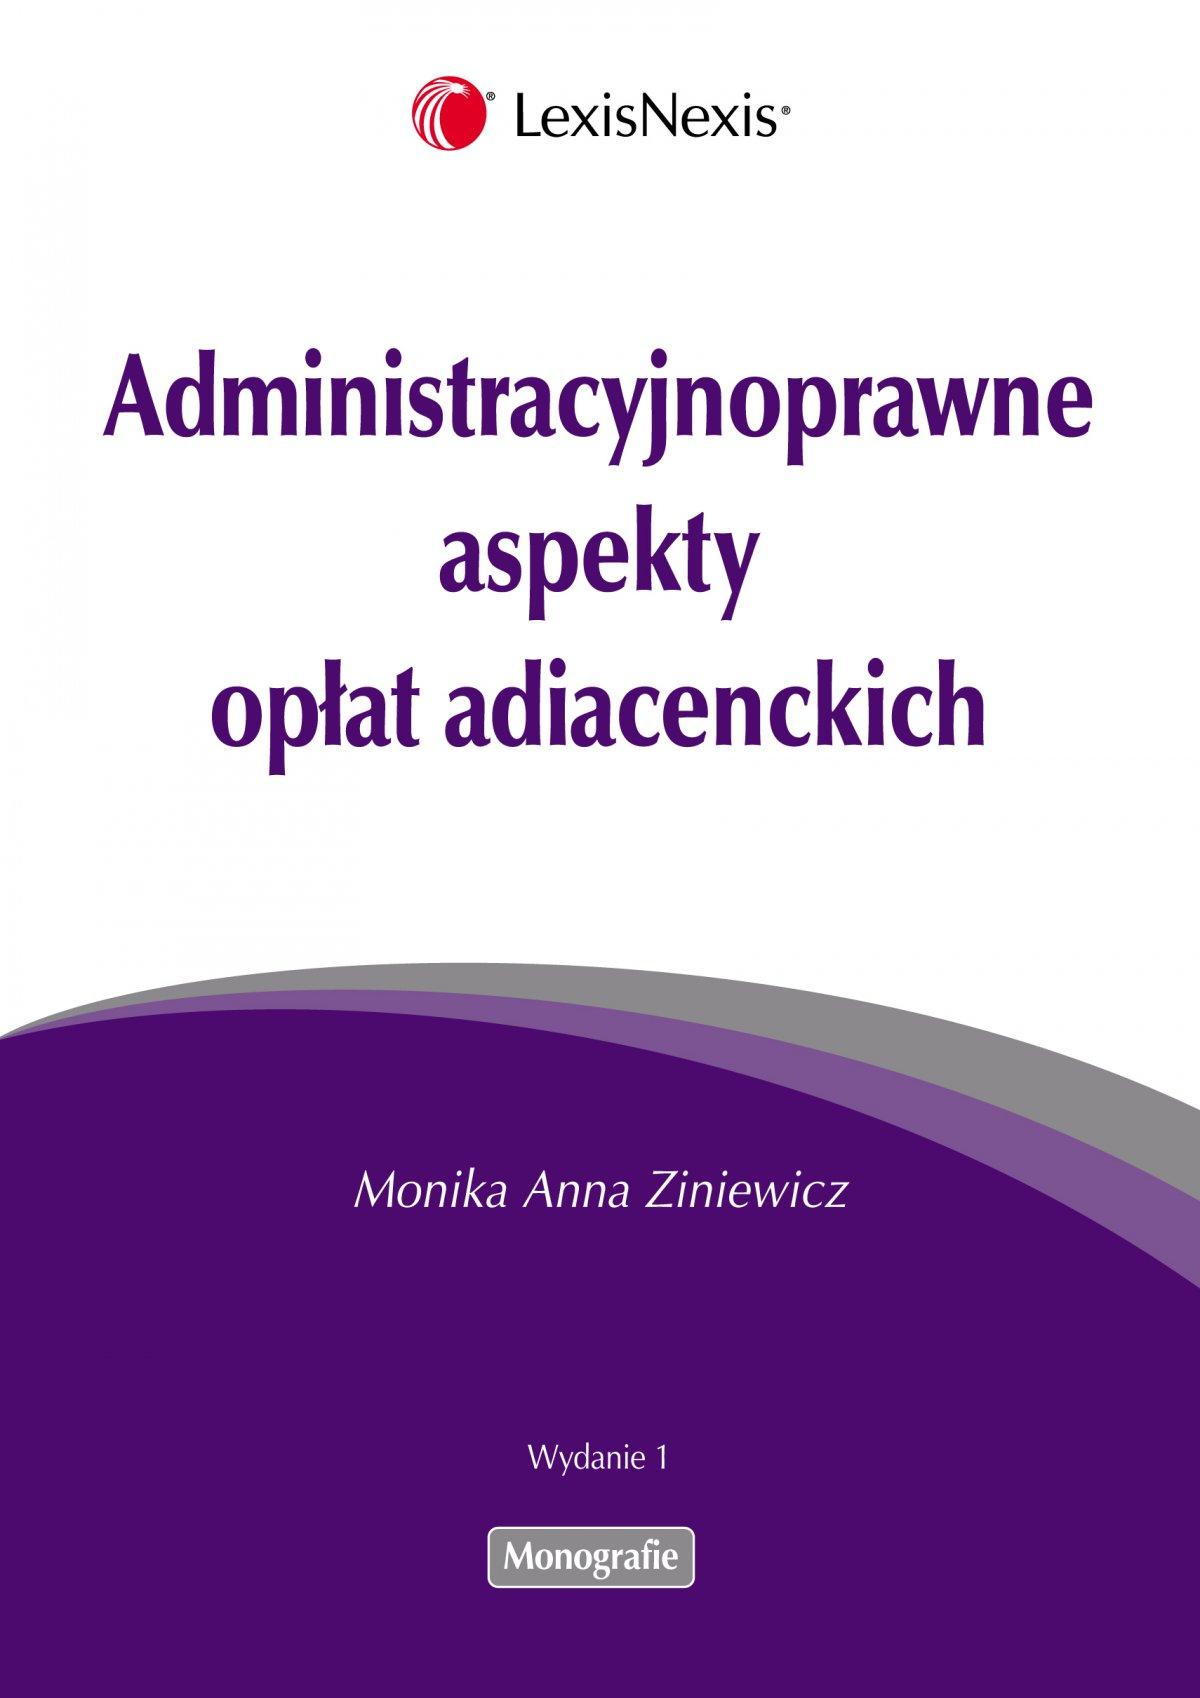 Administracyjnoprawne aspekty opłat adiacenckich - Ebook (Książka EPUB) do pobrania w formacie EPUB